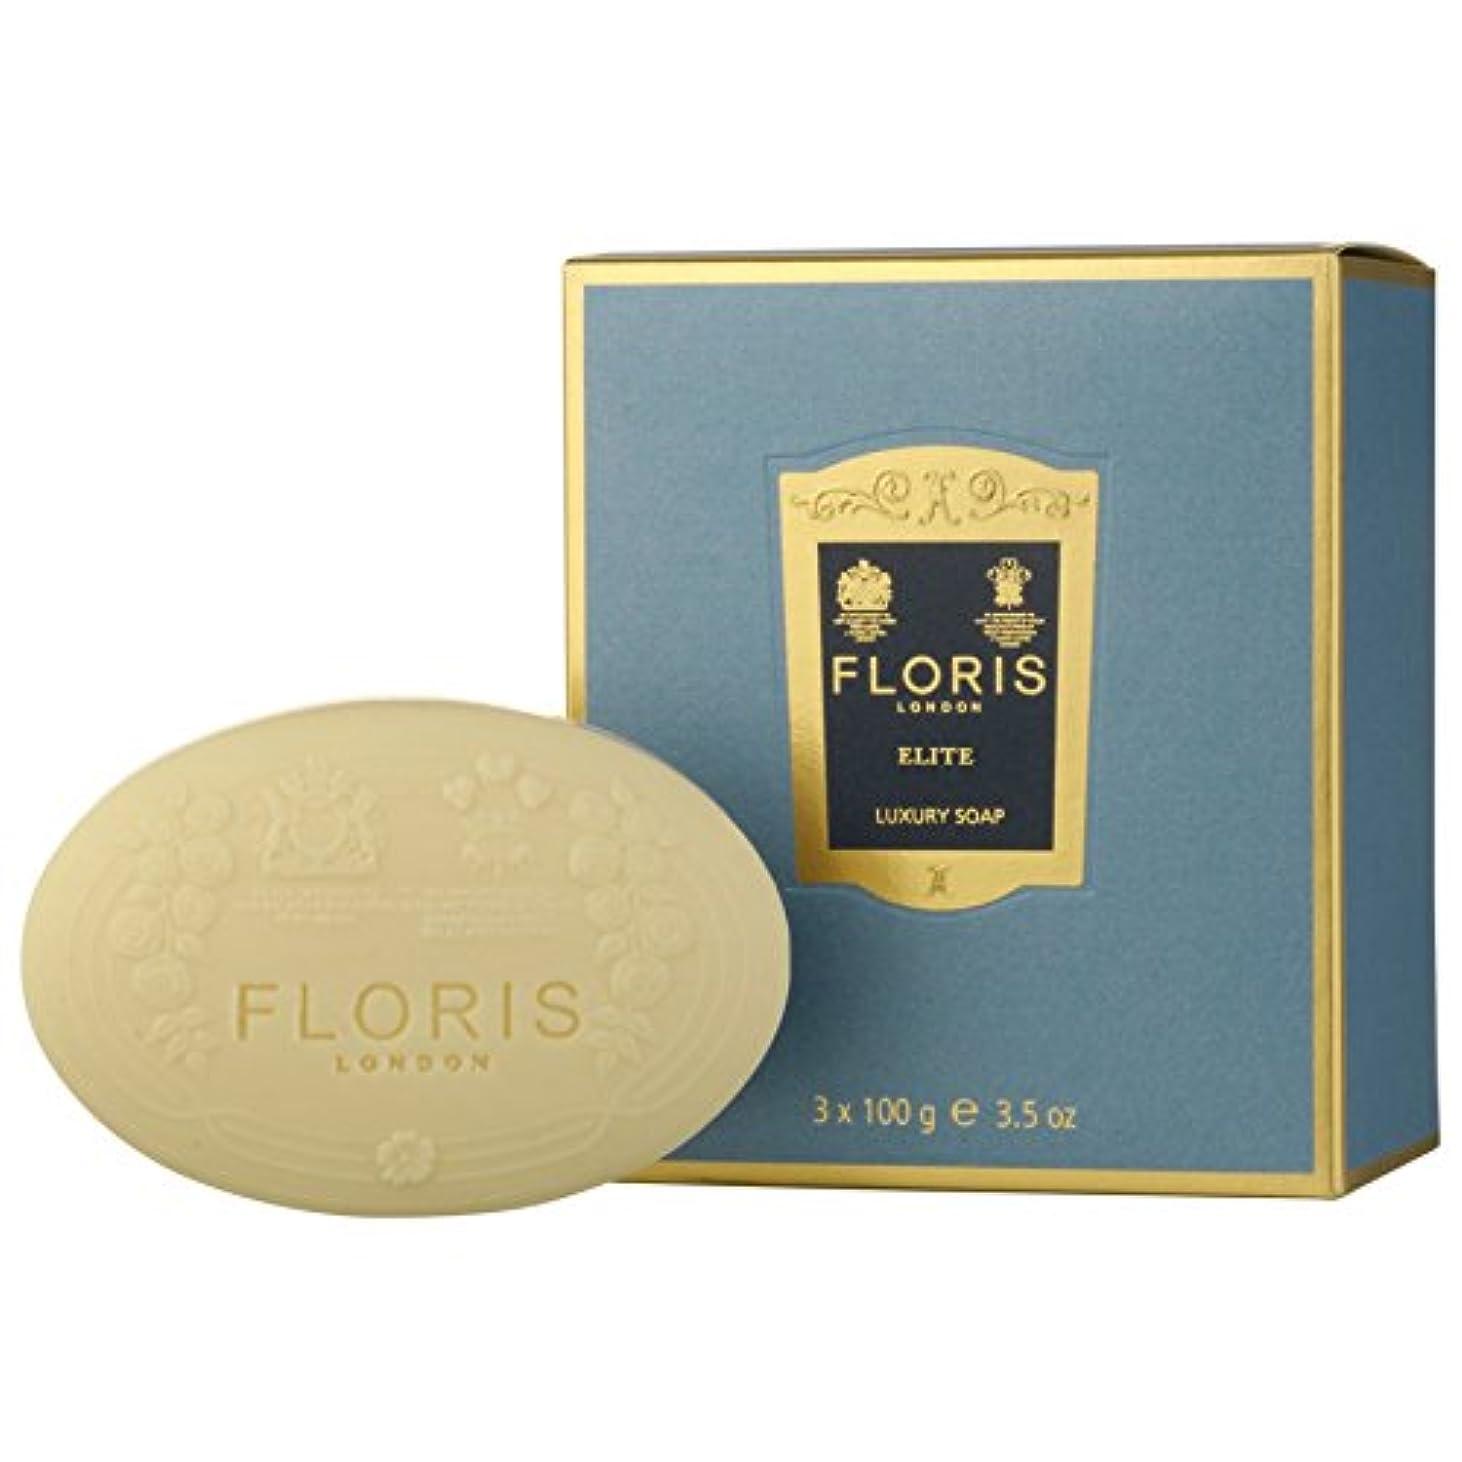 胴体剥ぎ取る伝導[Floris ] フロリスエリート高級ソープ3×100グラム - Floris Elite Luxury Soap 3 x 100g [並行輸入品]